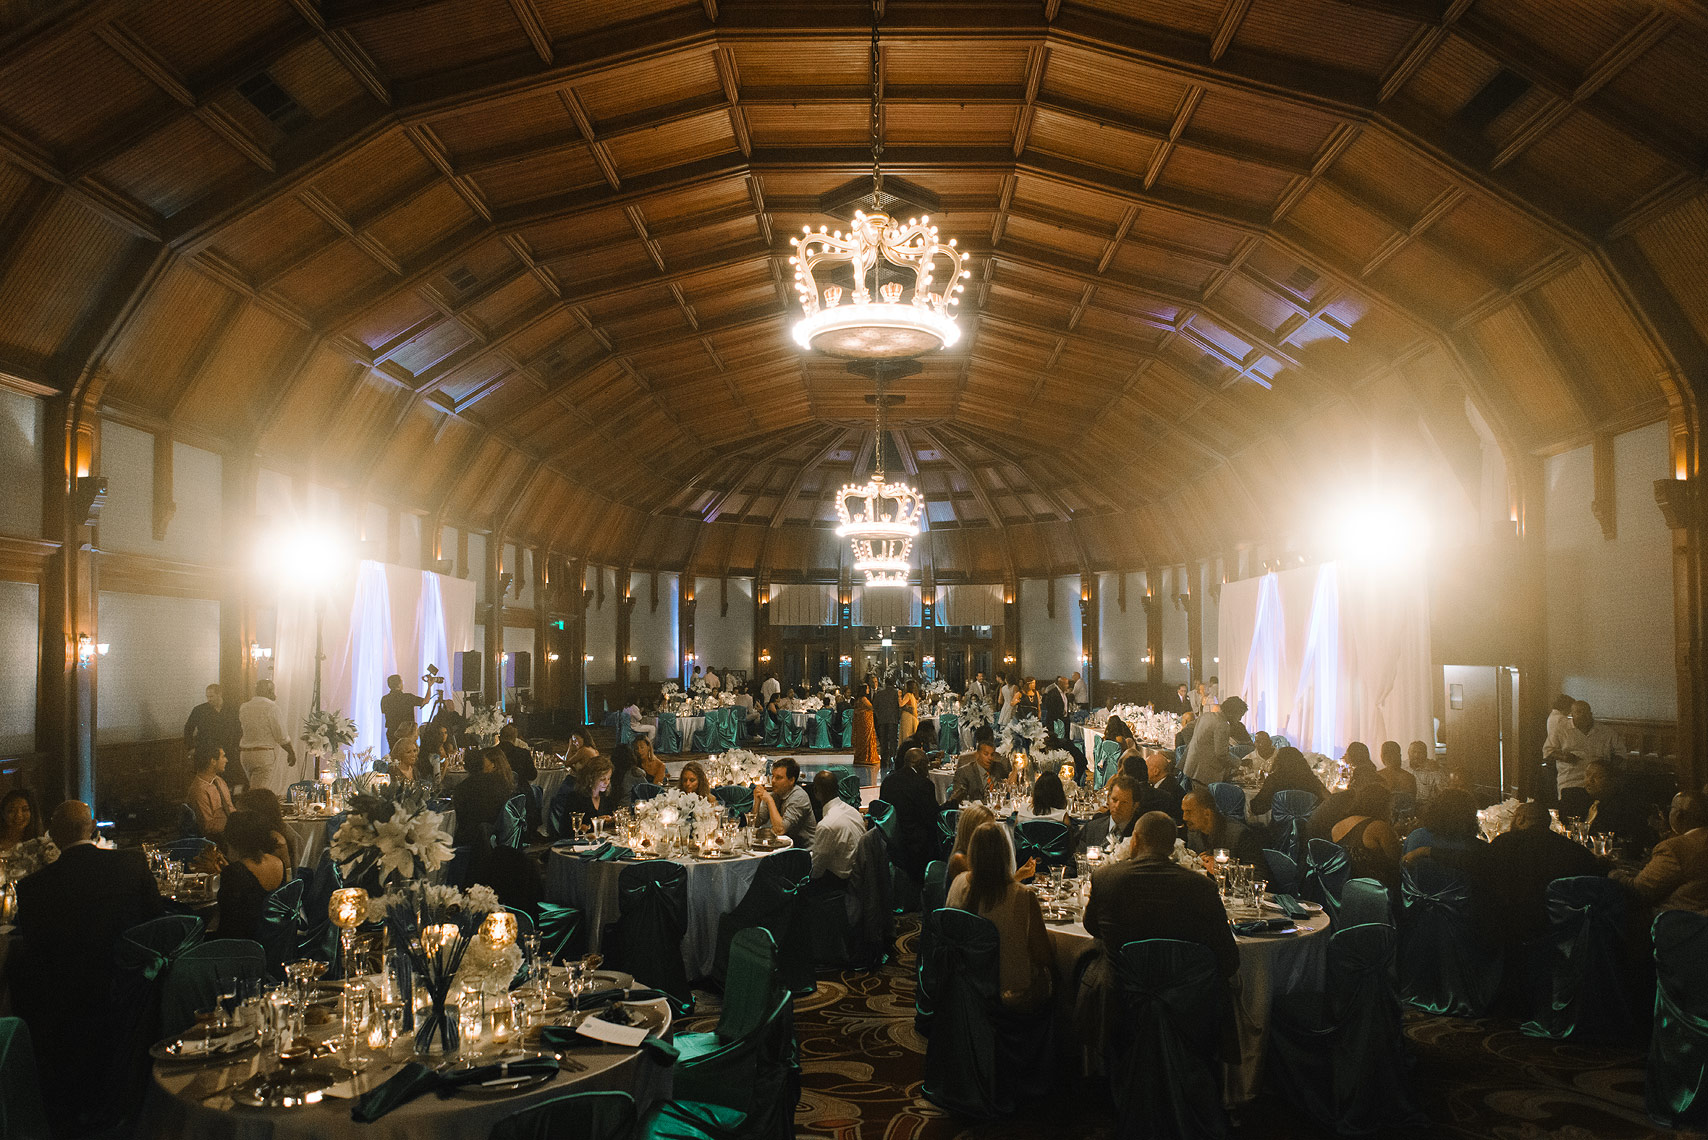 hotel del coronado crown room during wedding reception